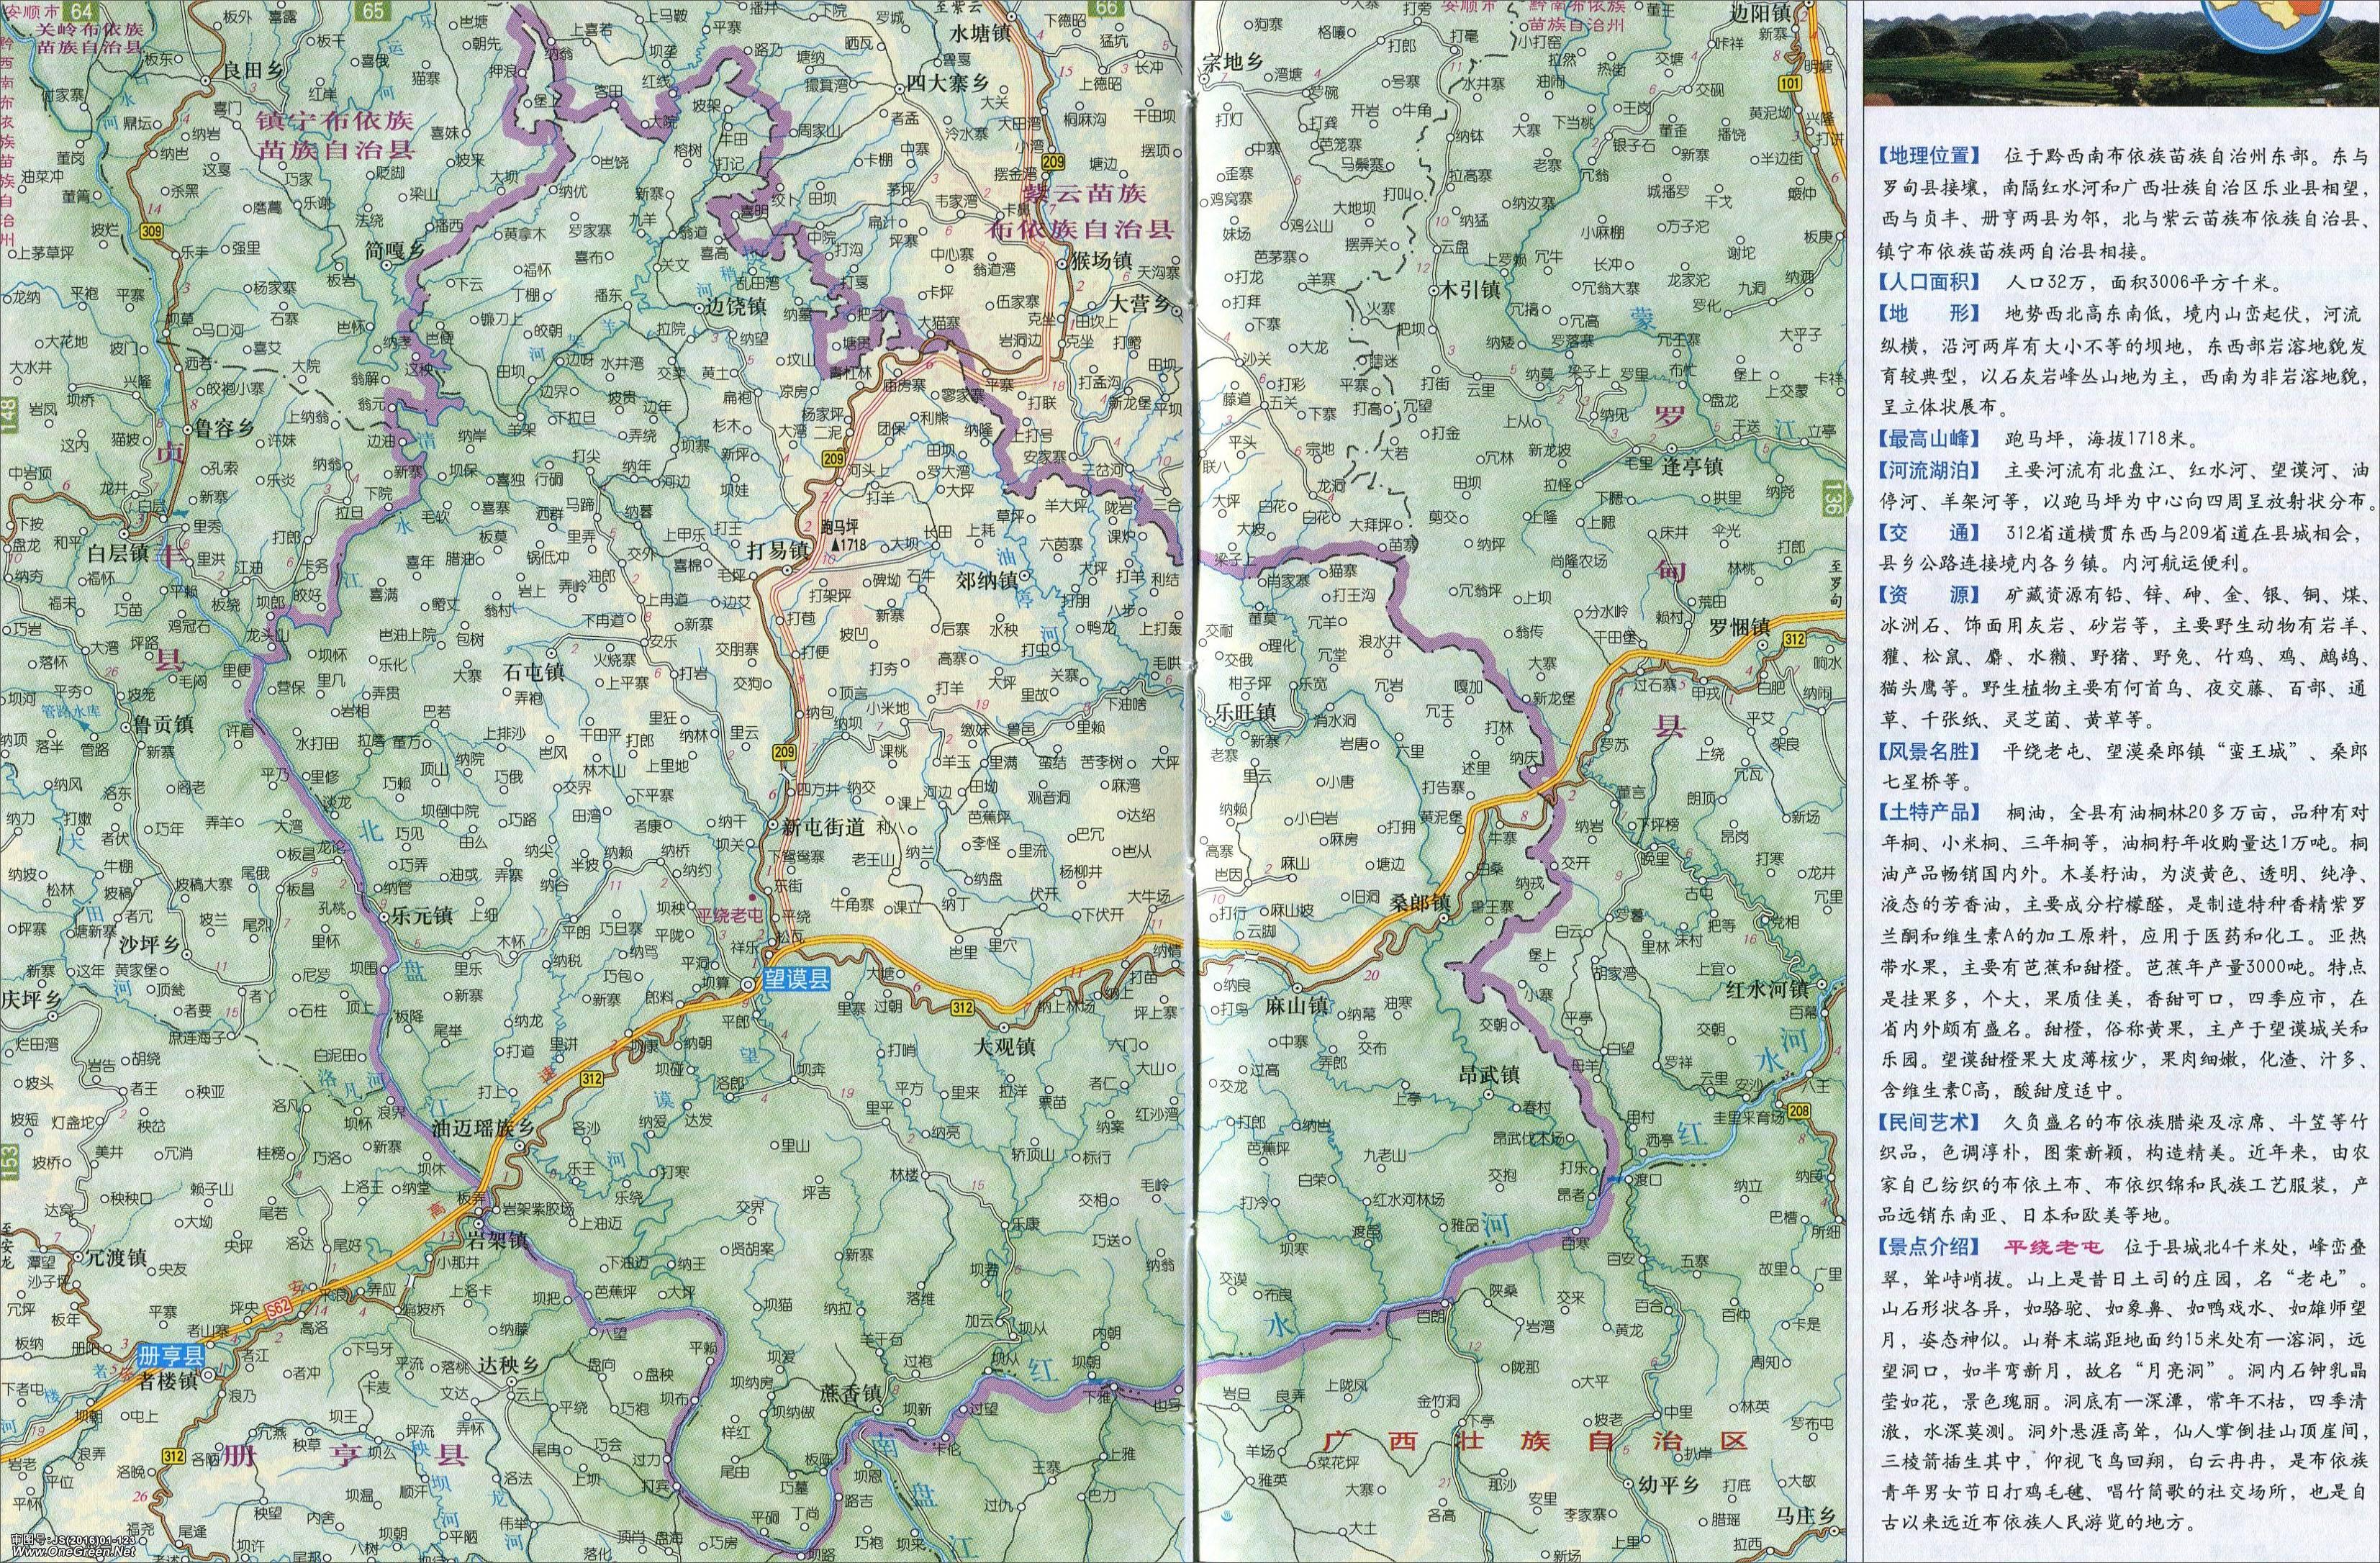 望谟县地图